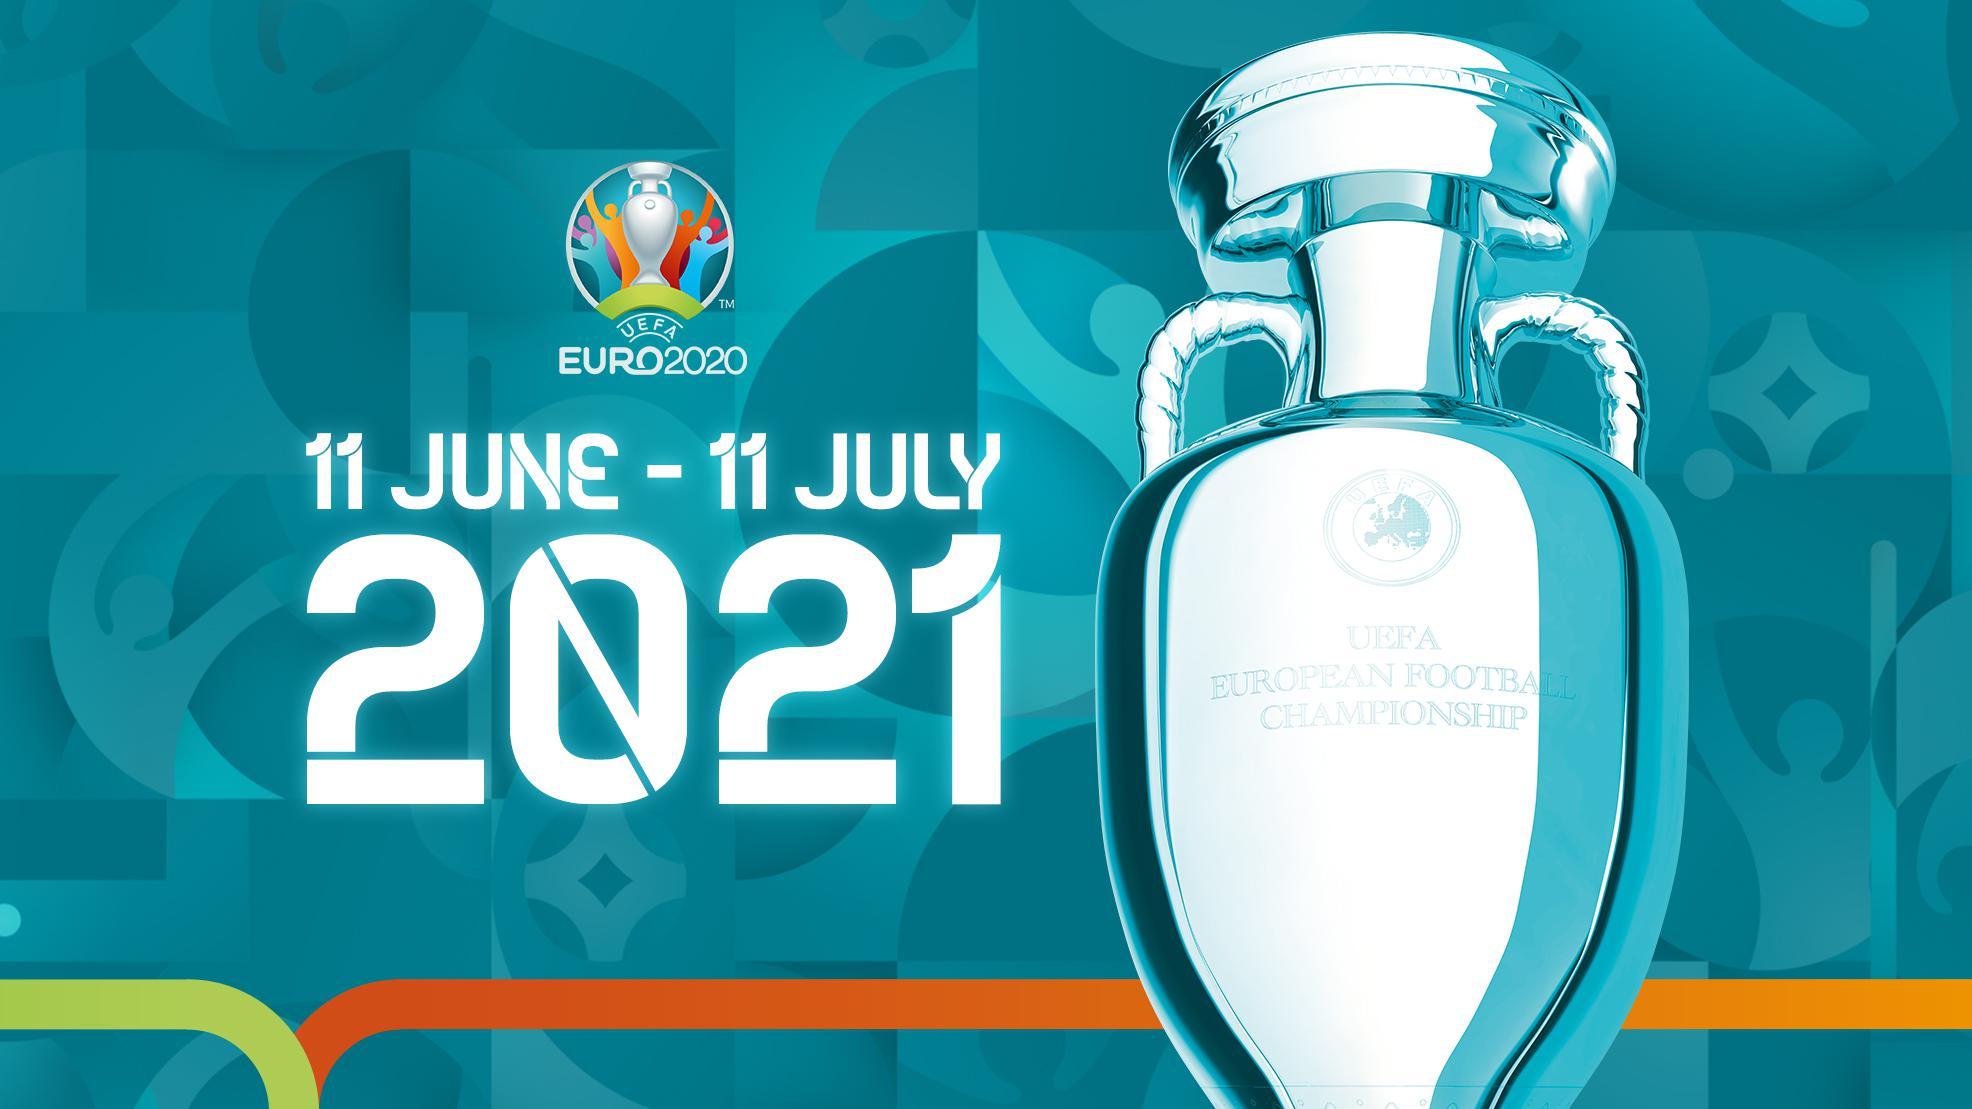 Começam hoje as Meias-Finais do EURO 2020